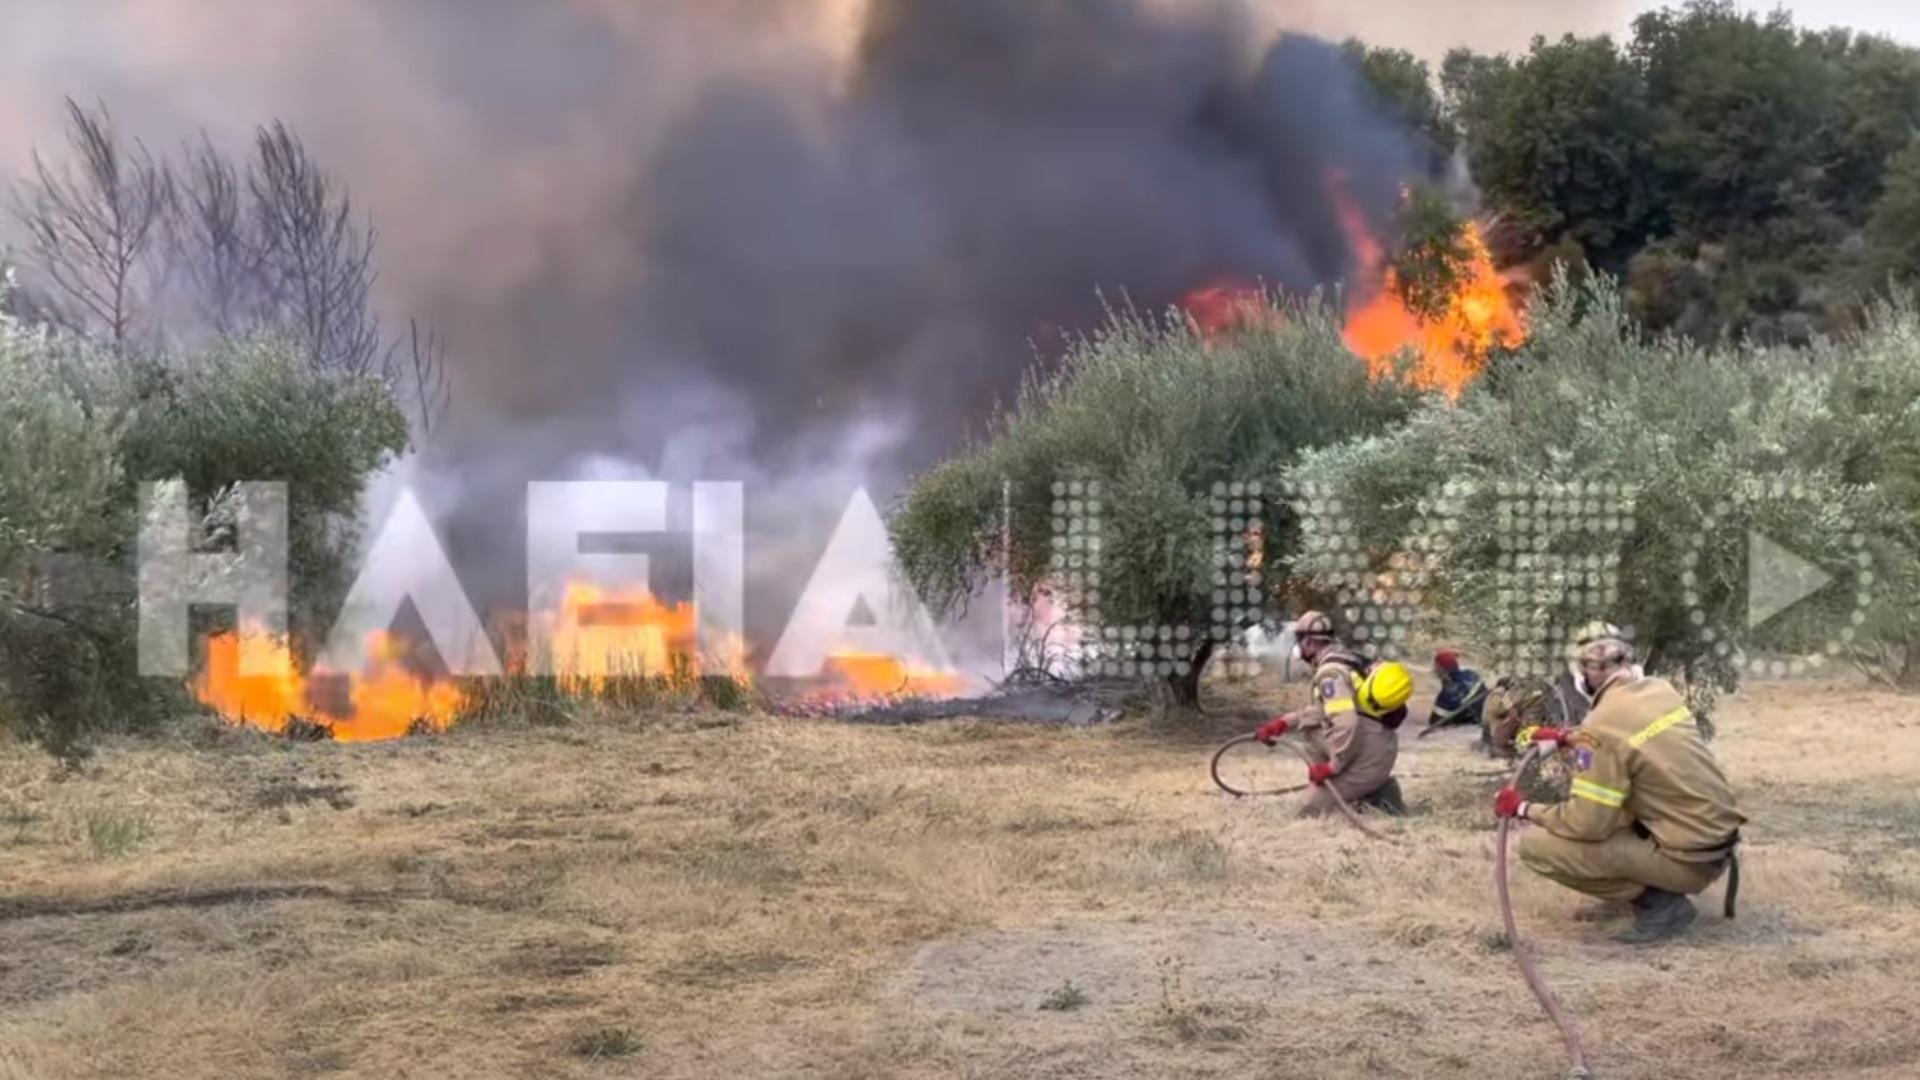 Ηλεία: Σιγοκαίει η φωτιά σε Δούκα και Λάσδικα – Αντιμετωπίστηκαν οι αναζωπυρώσεις